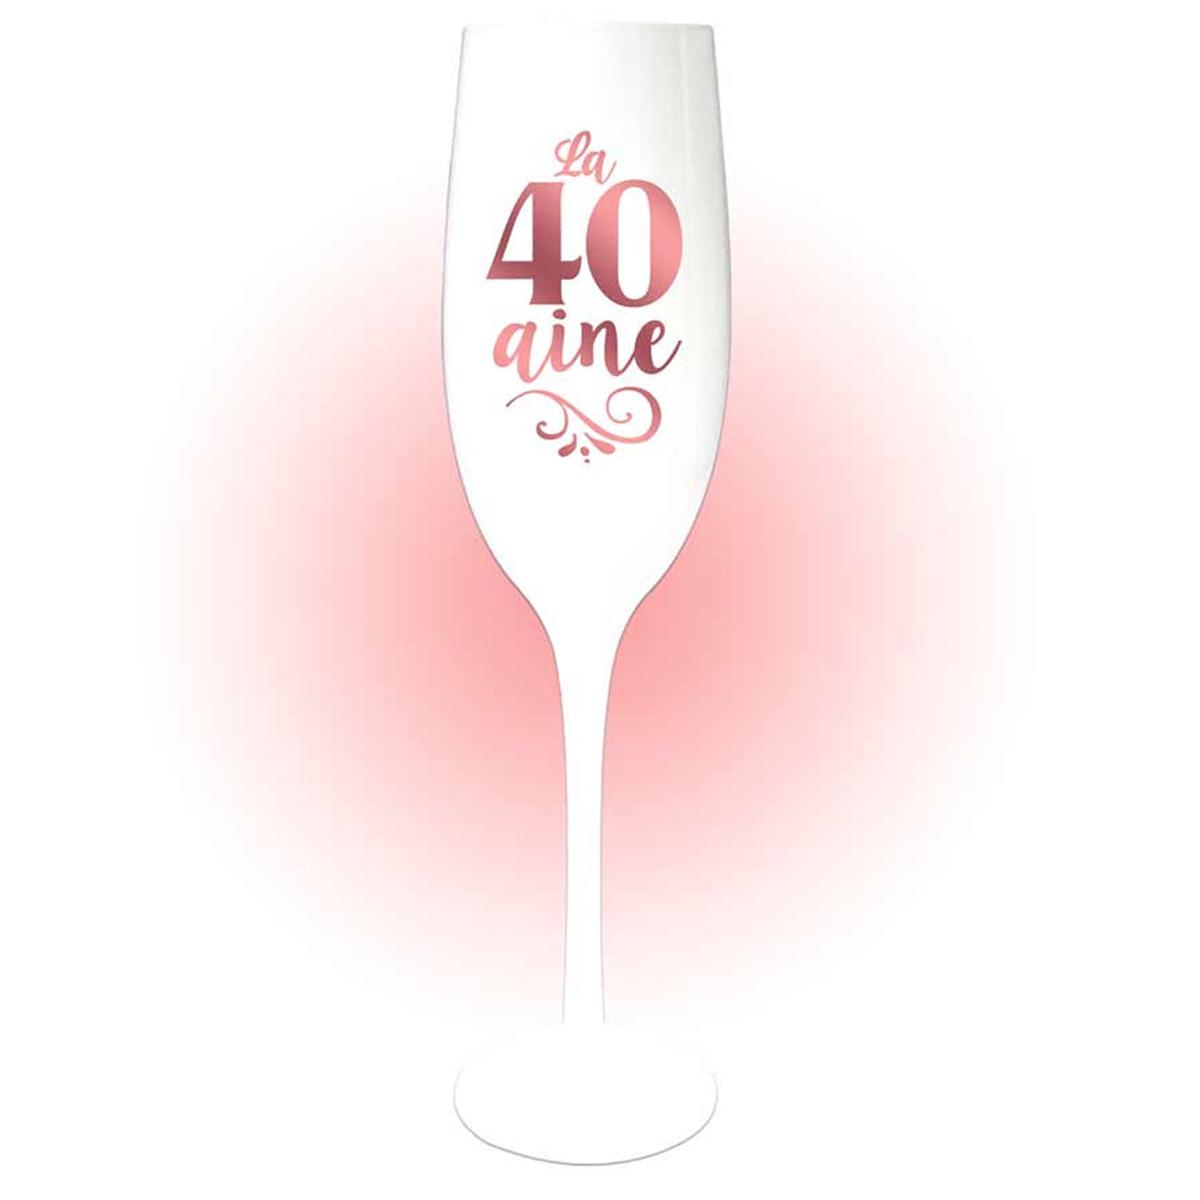 Coupe flute à champagne \'40 aine\' blanc doré rosé (gold pink) - 24x5 cm - [Q8397]